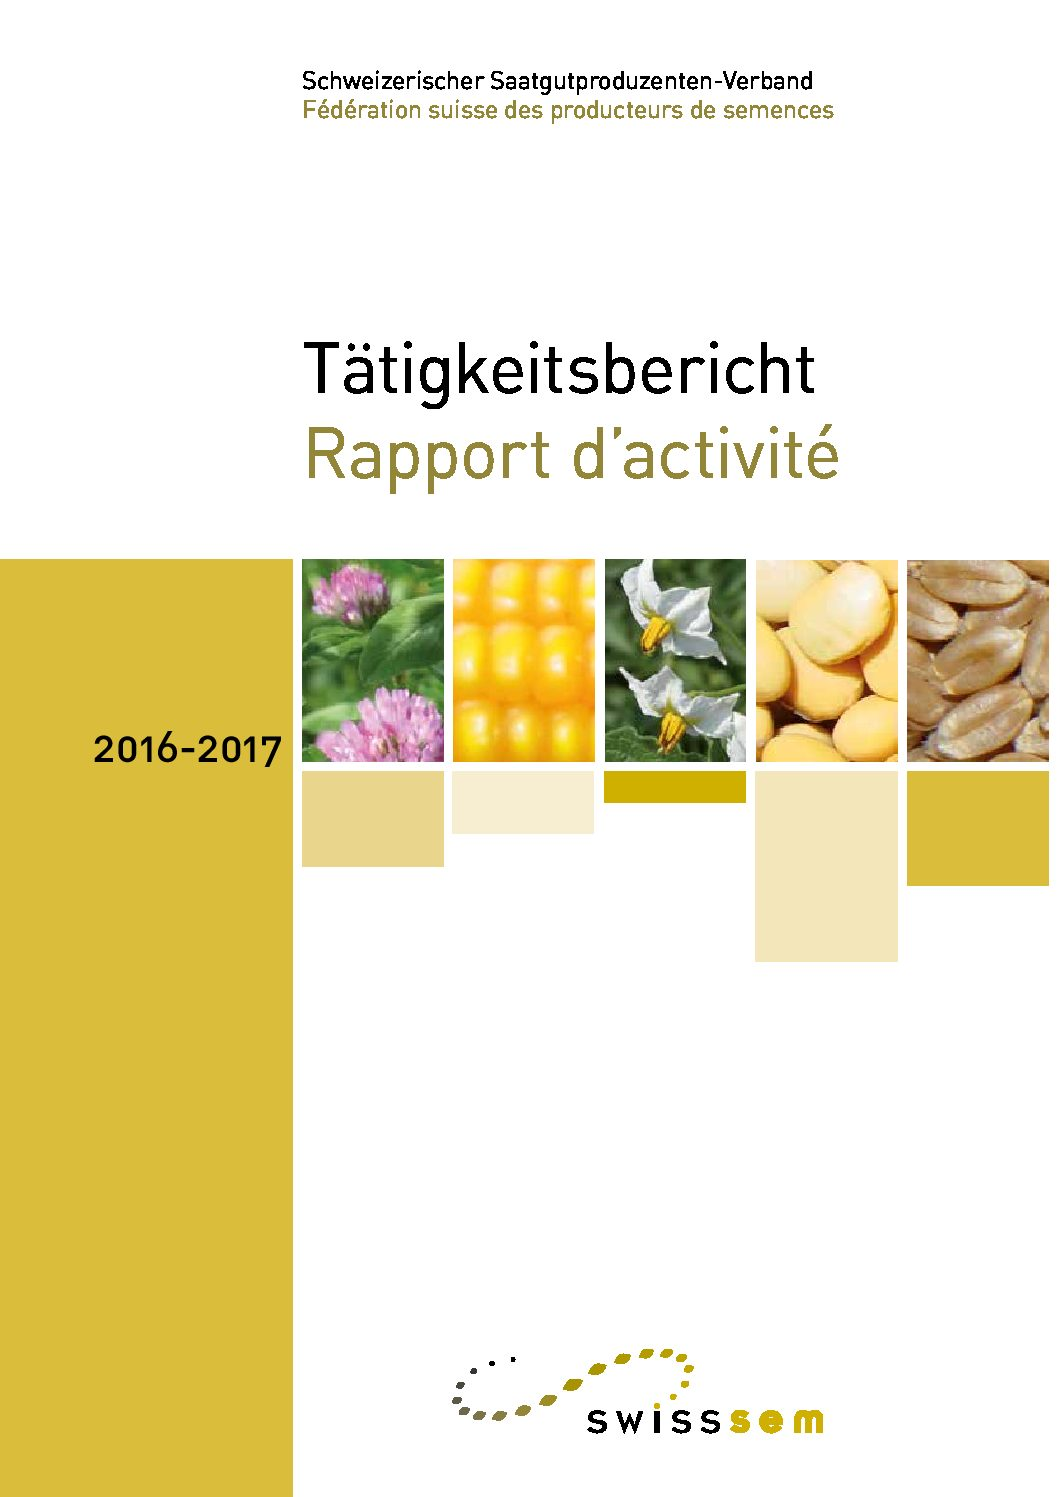 Tätigkeitsbericht 2016-2017